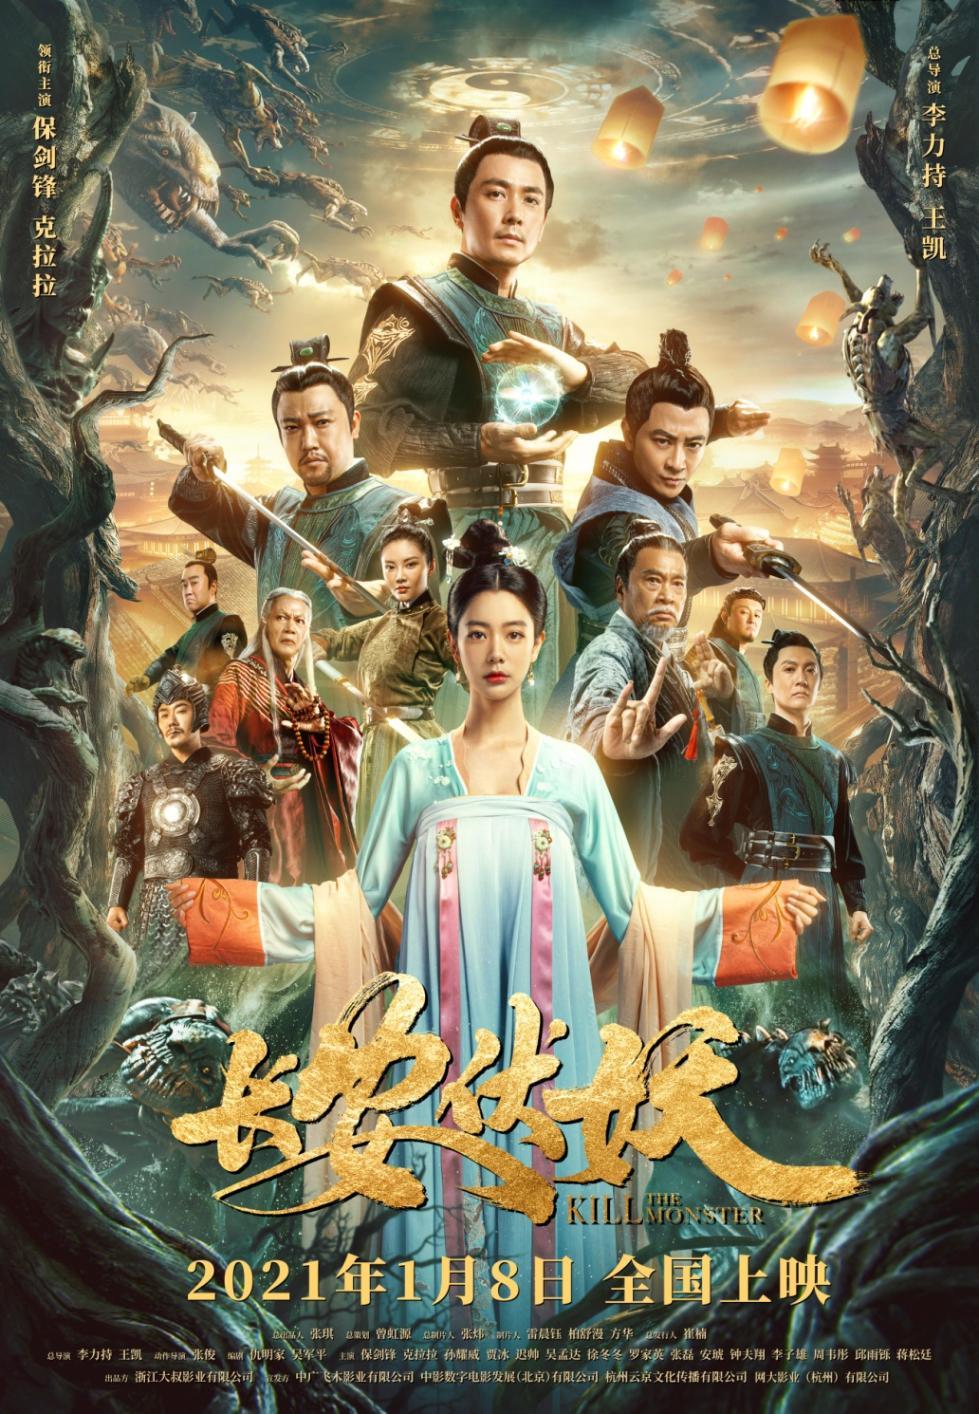 《长安伏妖》1月8日全国上映 五大看点揭秘东方玄幻巨制